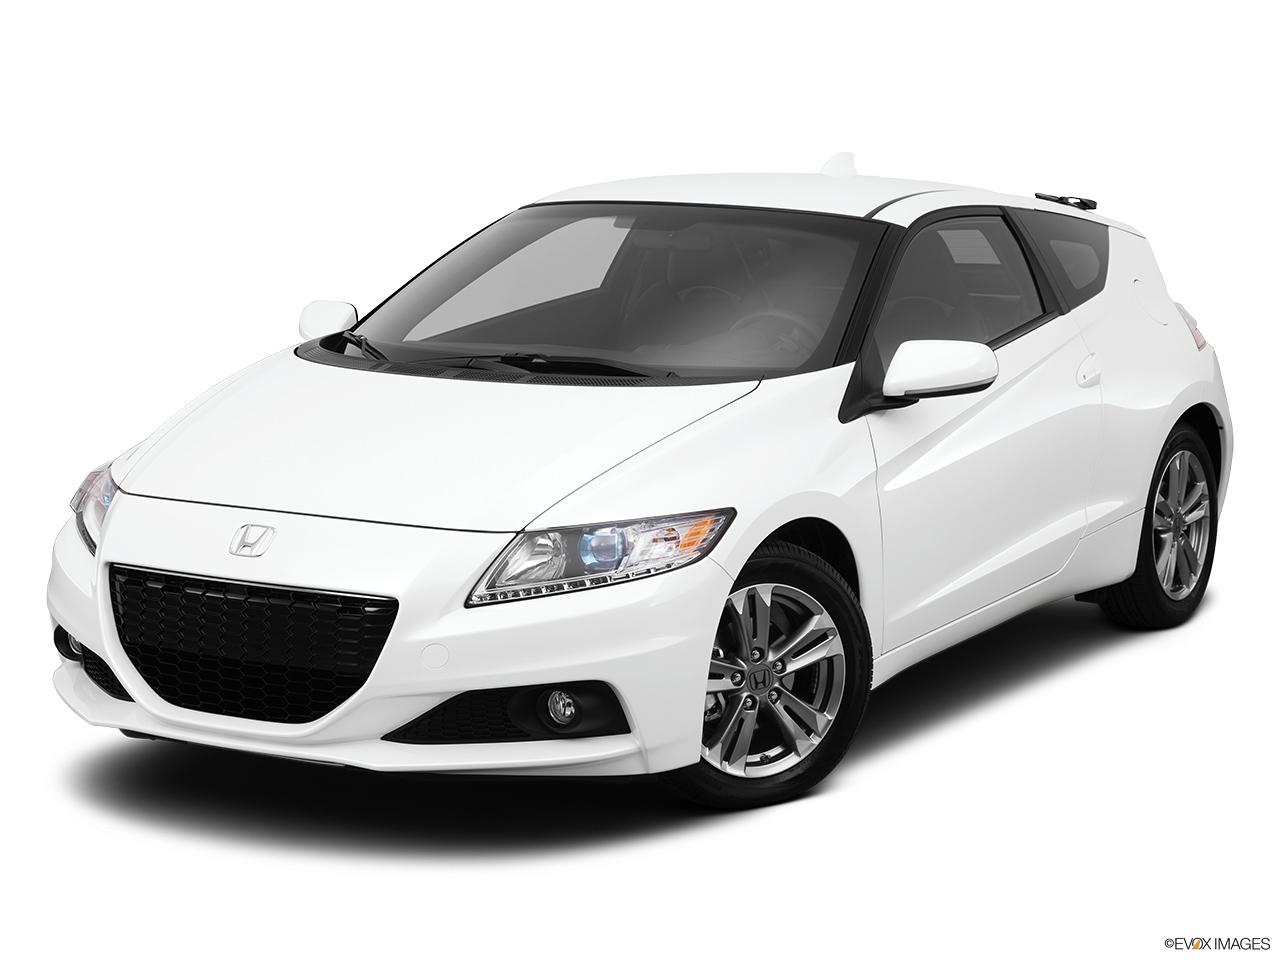 Honda 2013 honda crz : Honda » 2013 Honda Cr Z Ex - Car and Auto Pictures All Types All ...